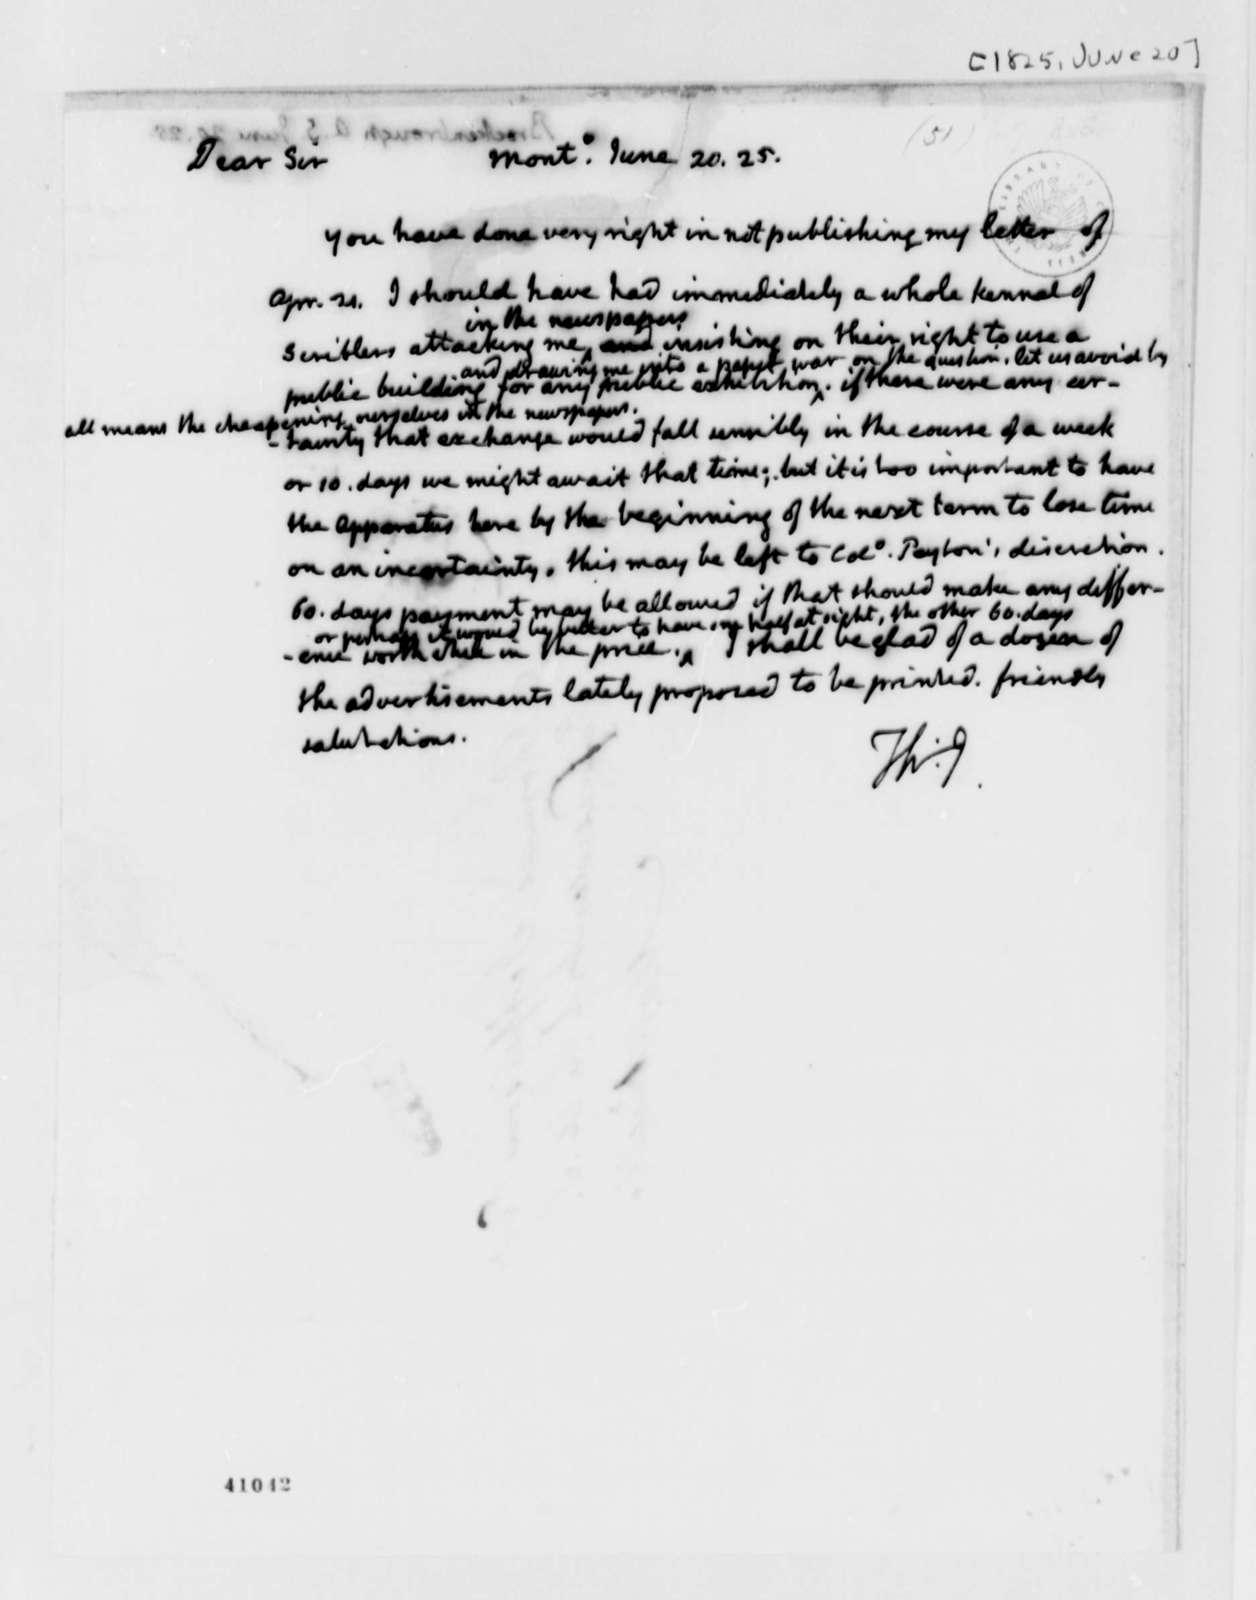 Thomas Jefferson to Arthur S. Brockenbrough, June 20, 1825